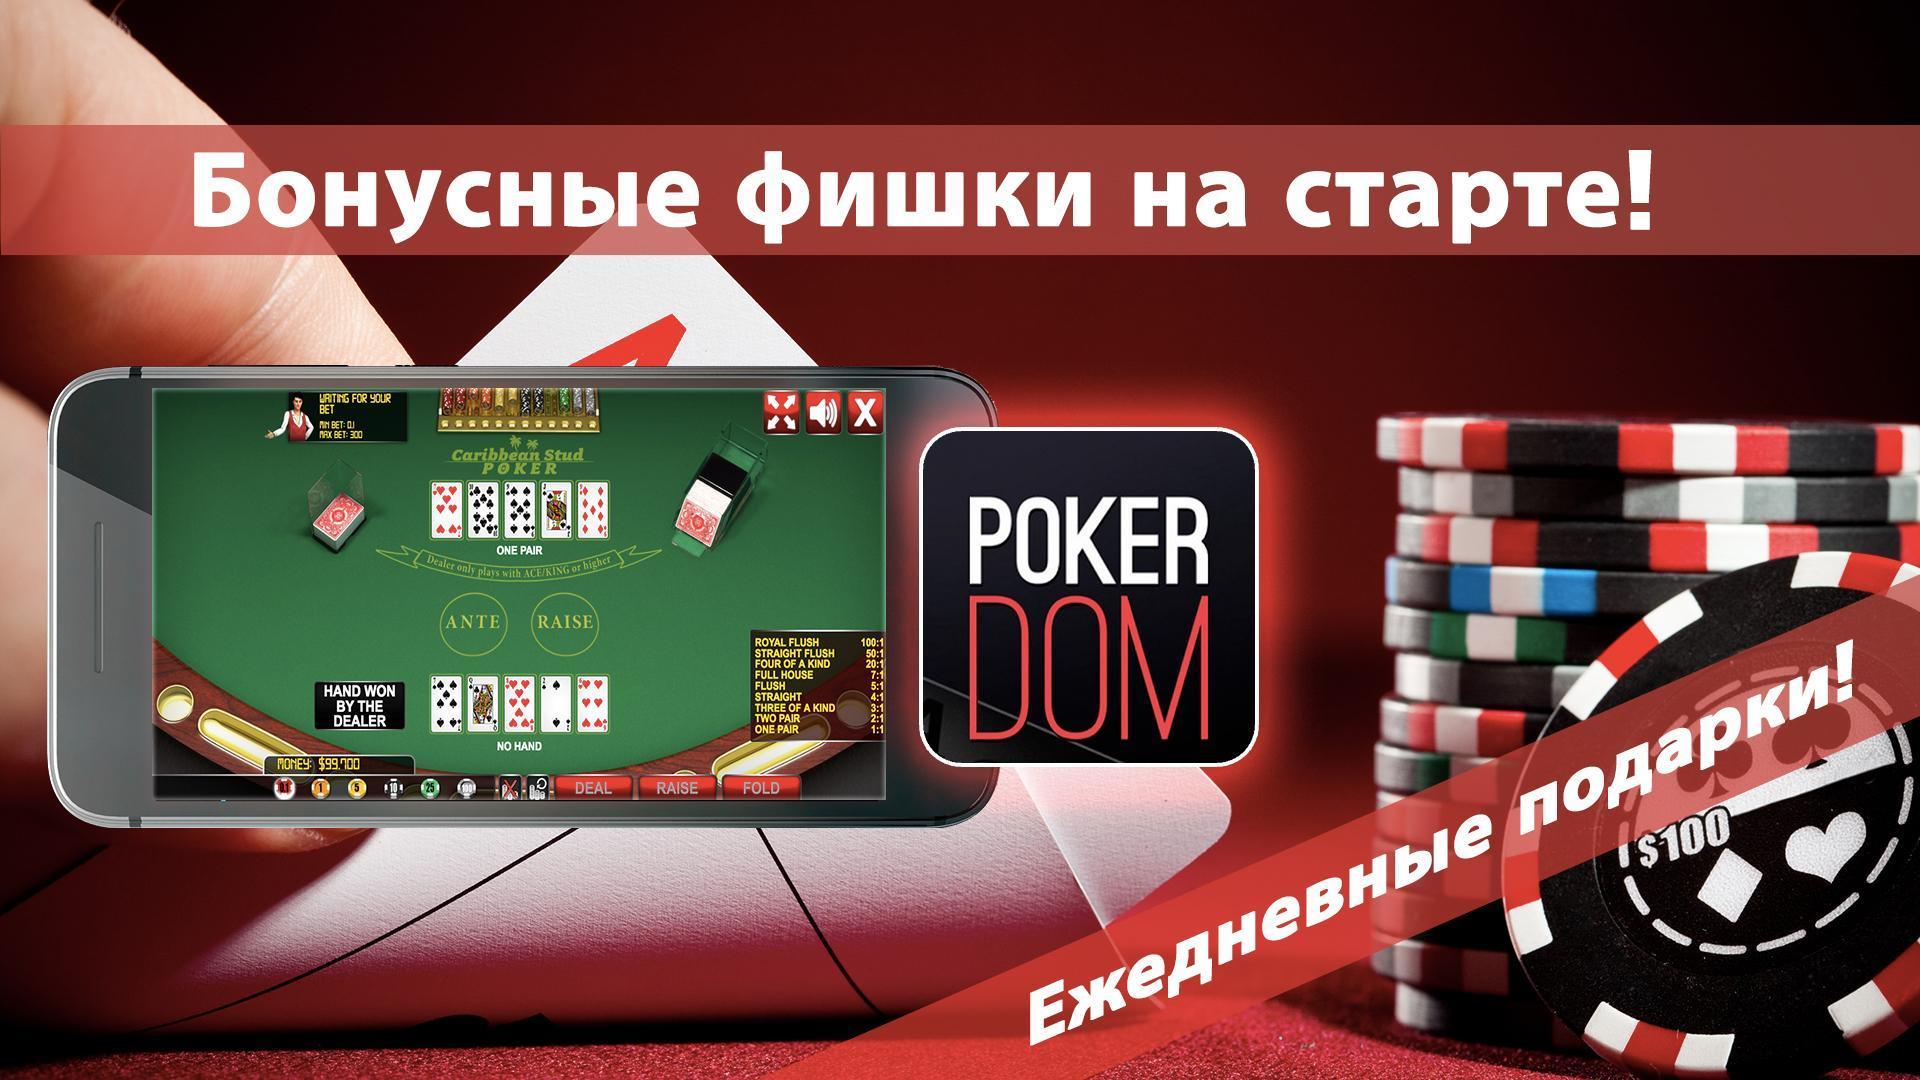 Покер играть онлайн клуб сколько чисел на рулетке в казино